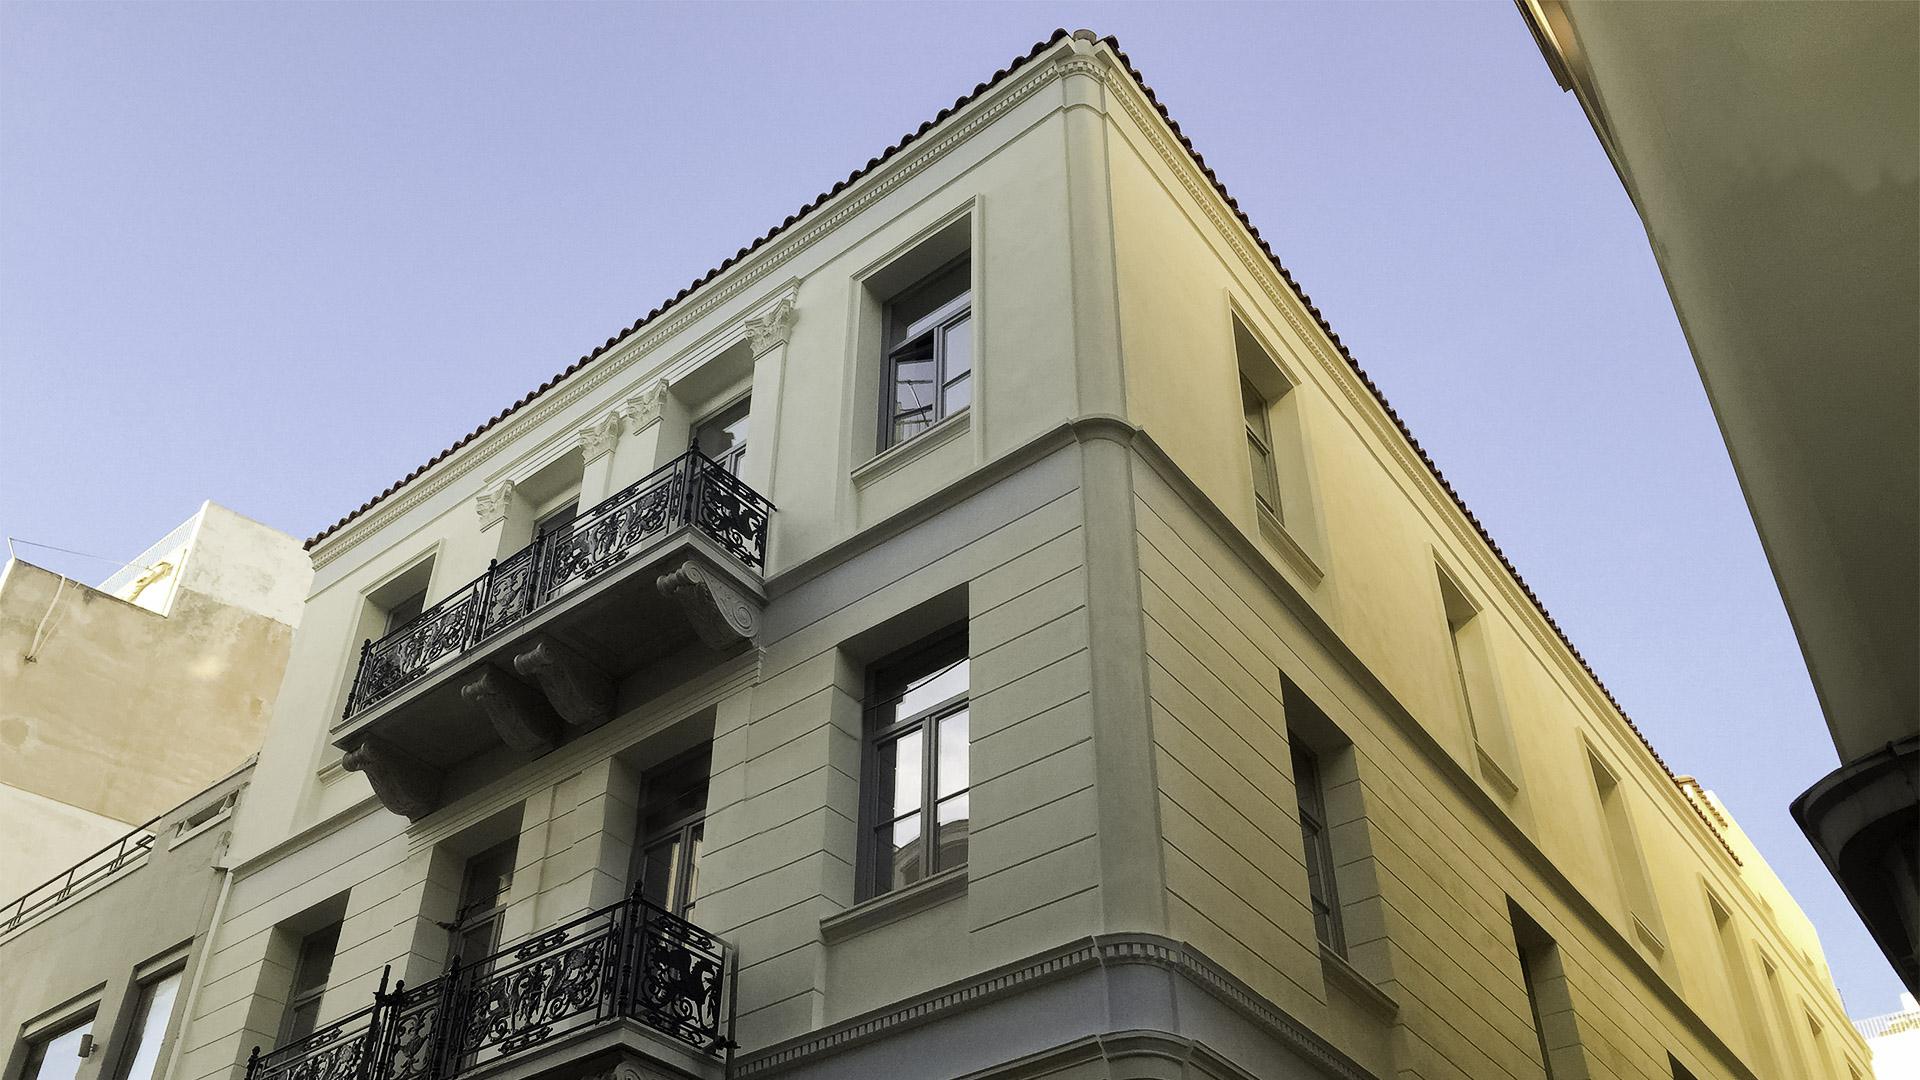 Ermou 70 Building